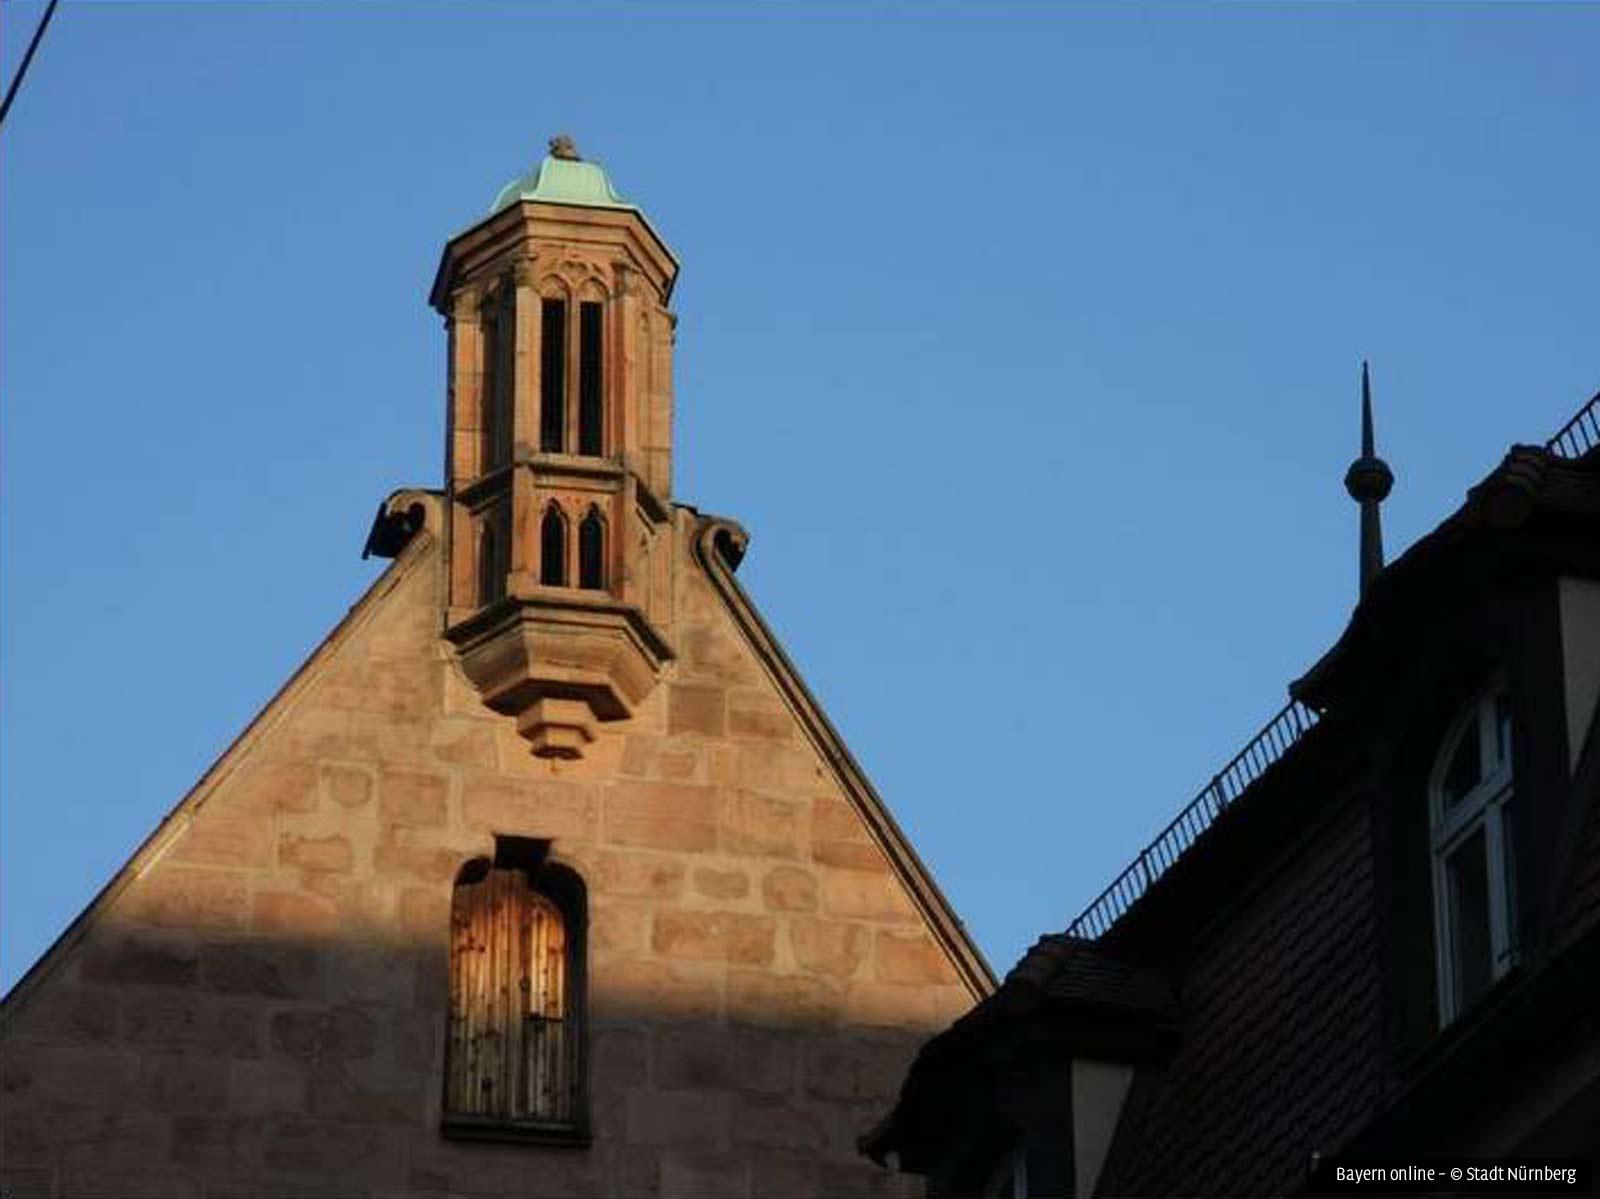 Kirchen | Kirchen in Nürnberg | Frankenmetropole Nürnberg: Tourismus, Sehenswertes, Kirchen